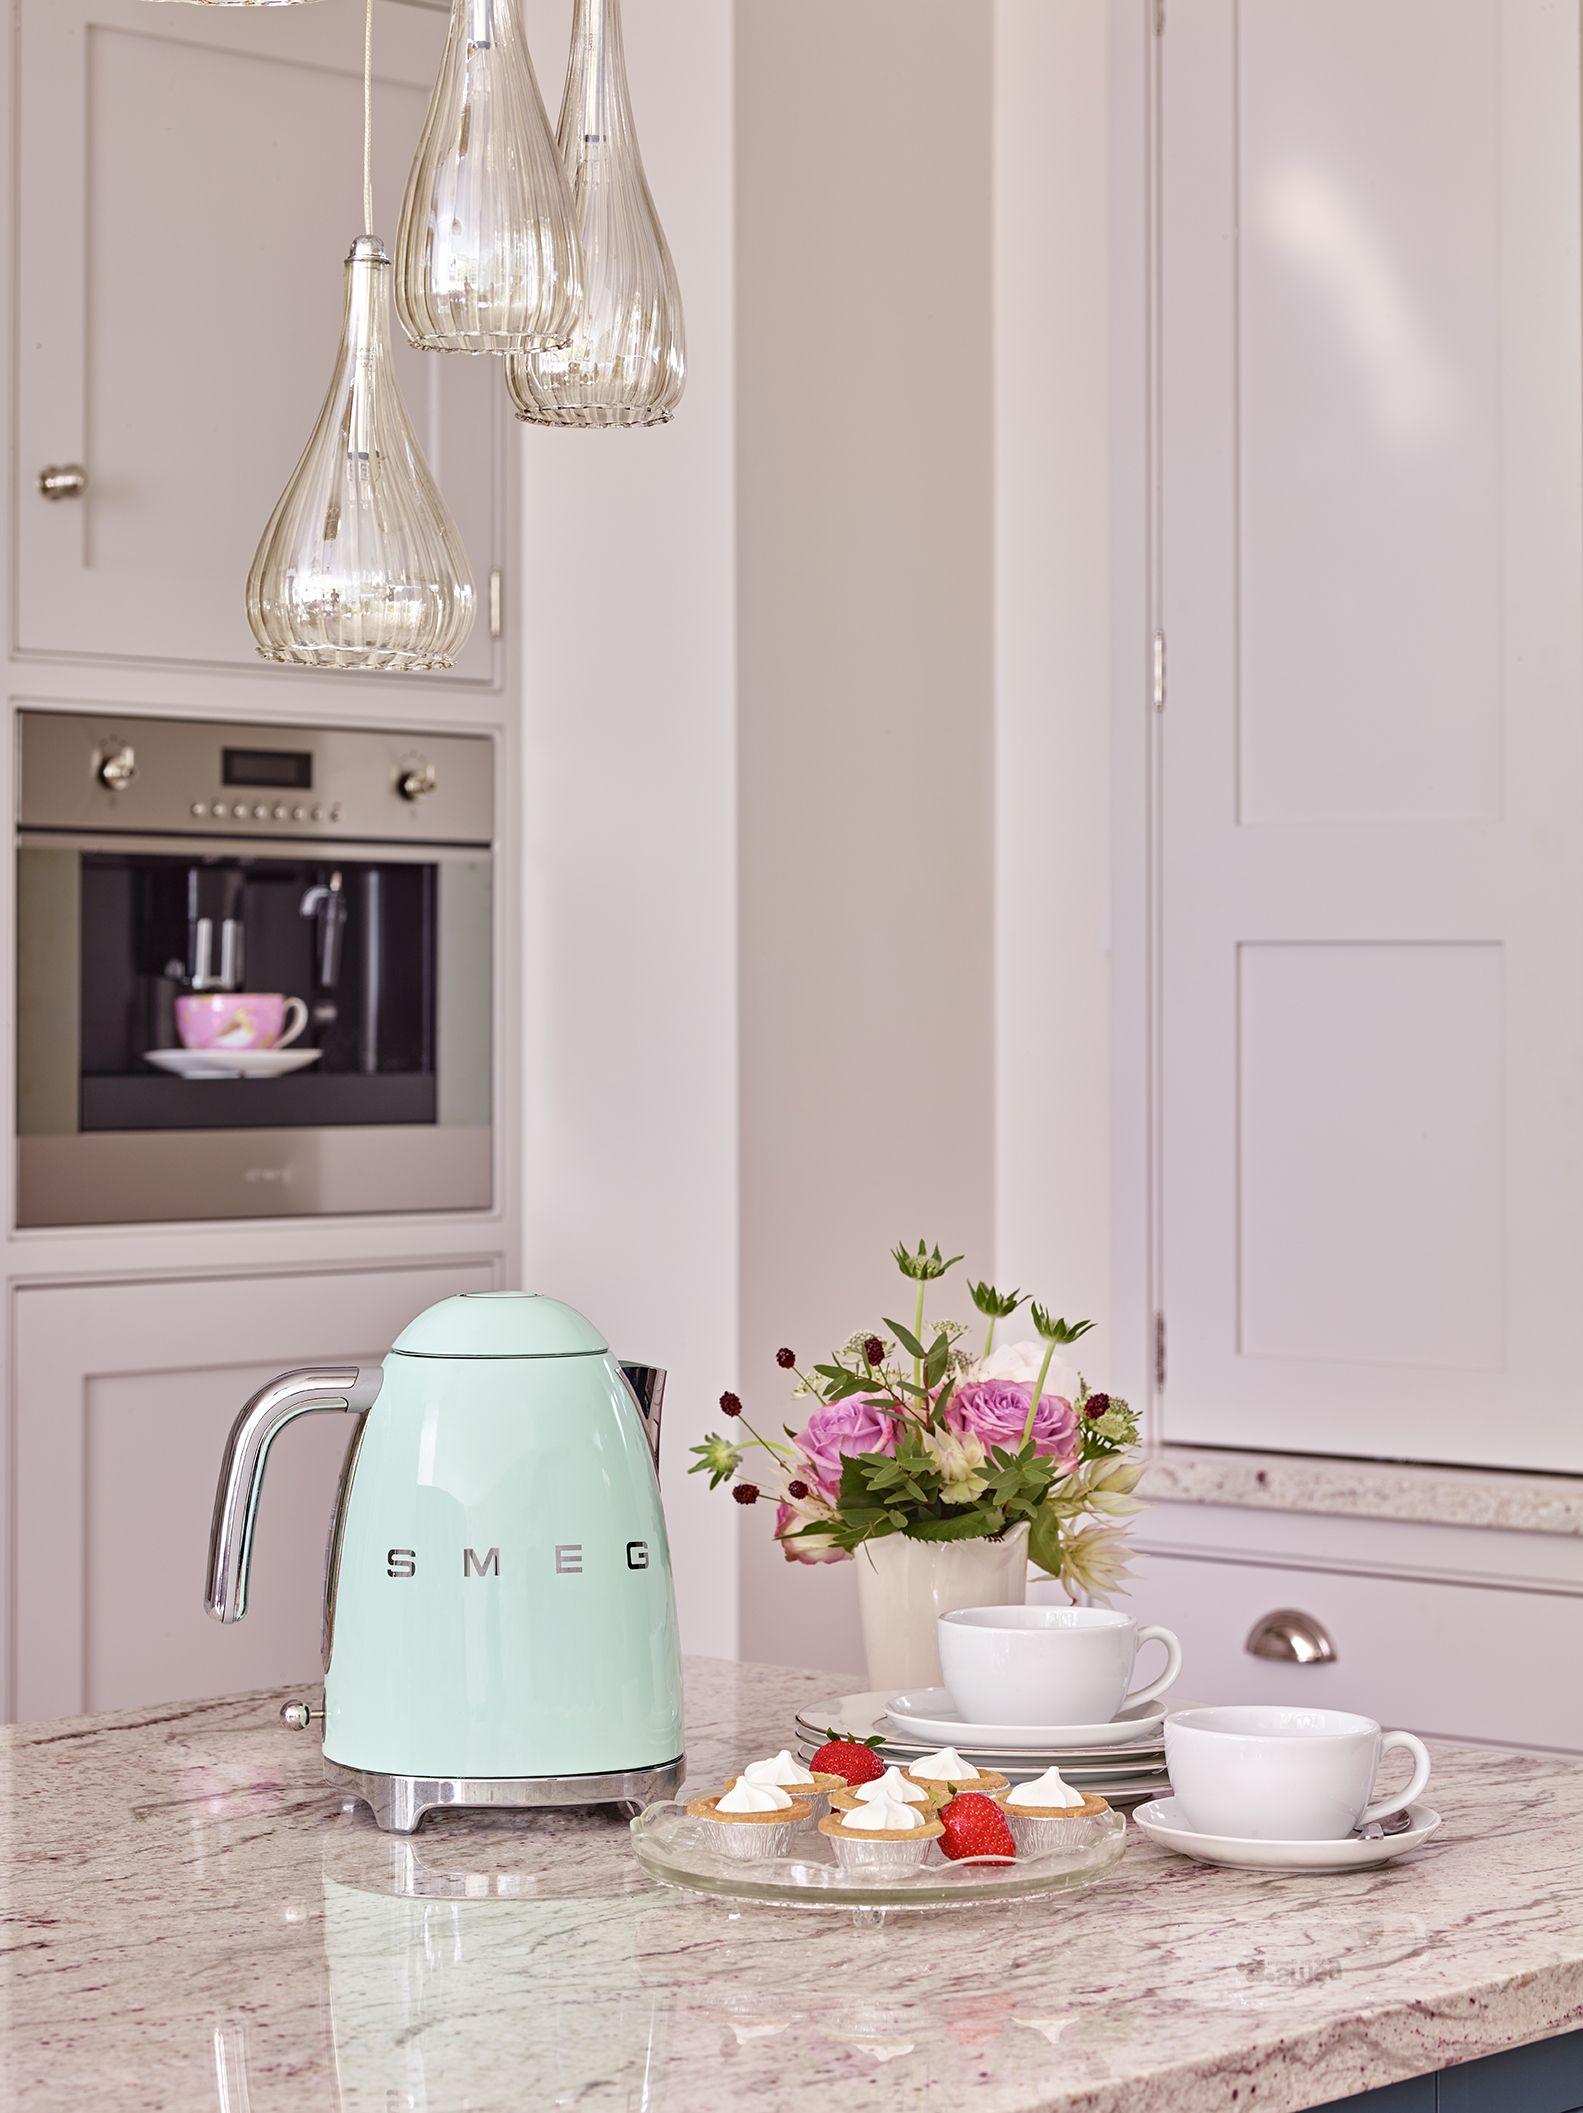 Top Skookum Hot Rosa Zubehör für die Küche UK Artistik